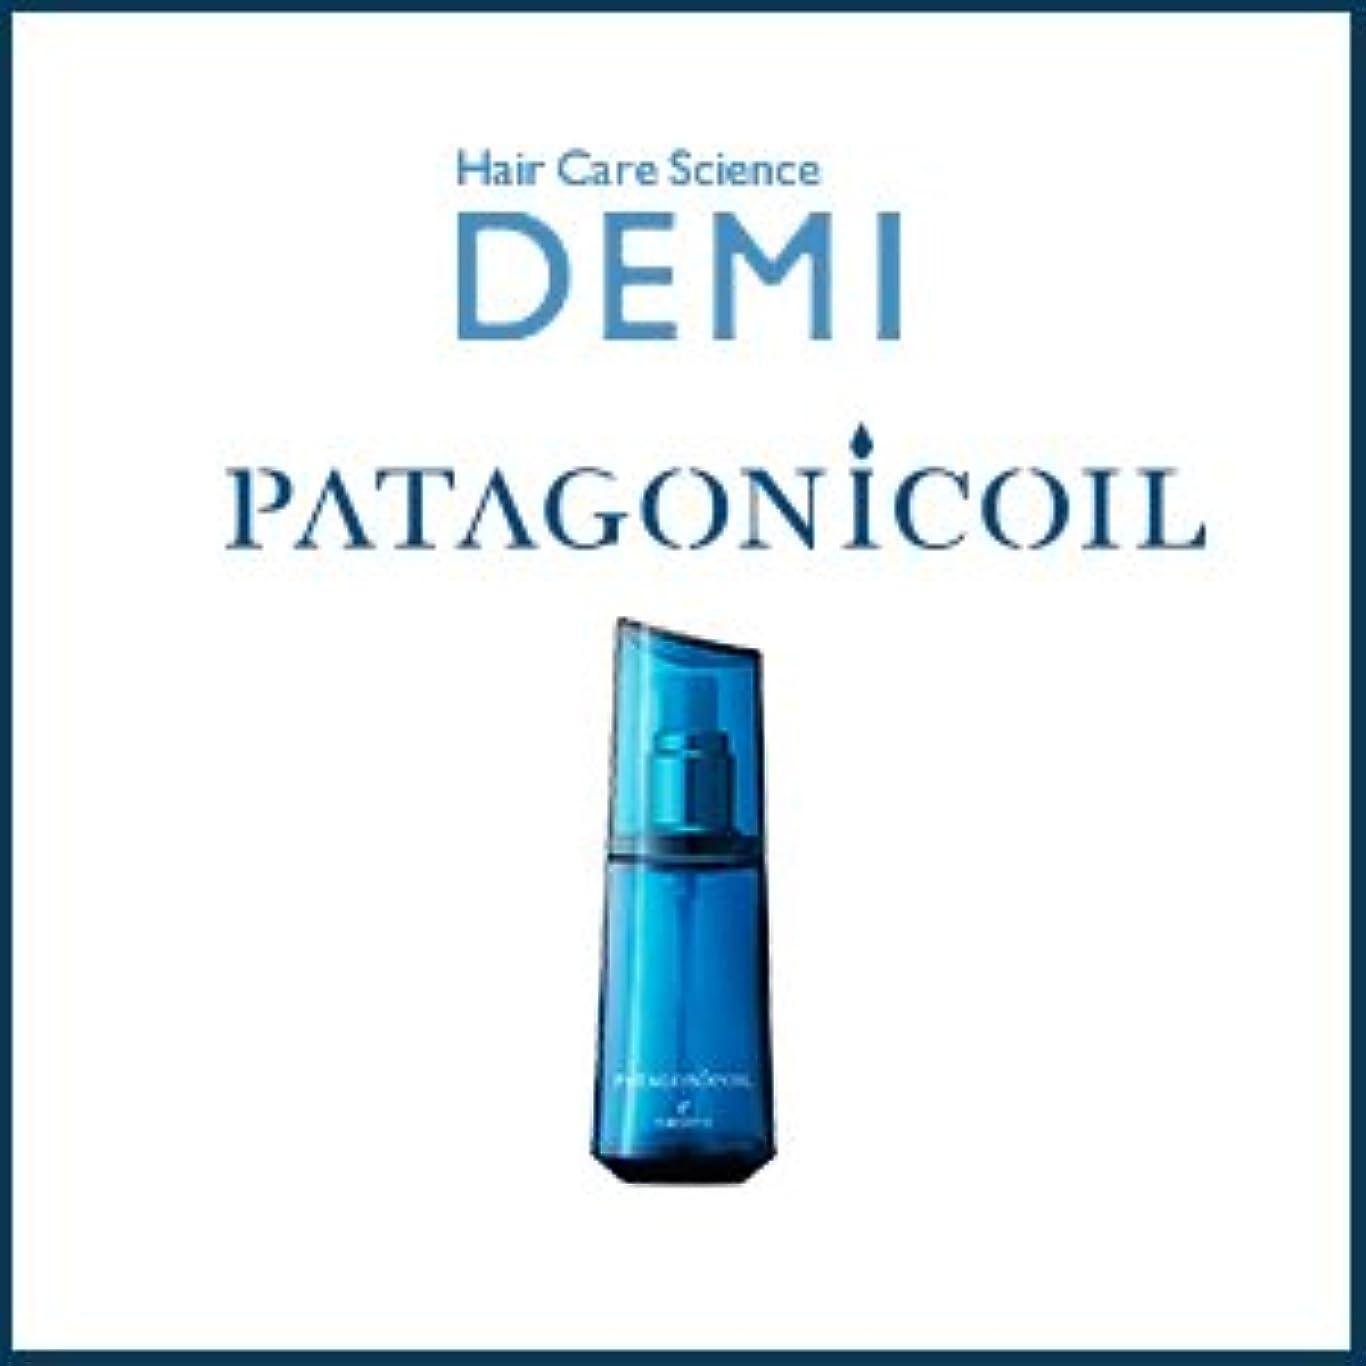 ブルーベルカラス圧縮された【X4個セット】 デミ パタゴニックオイル イセベルグ モイスト 100ml 容器入り